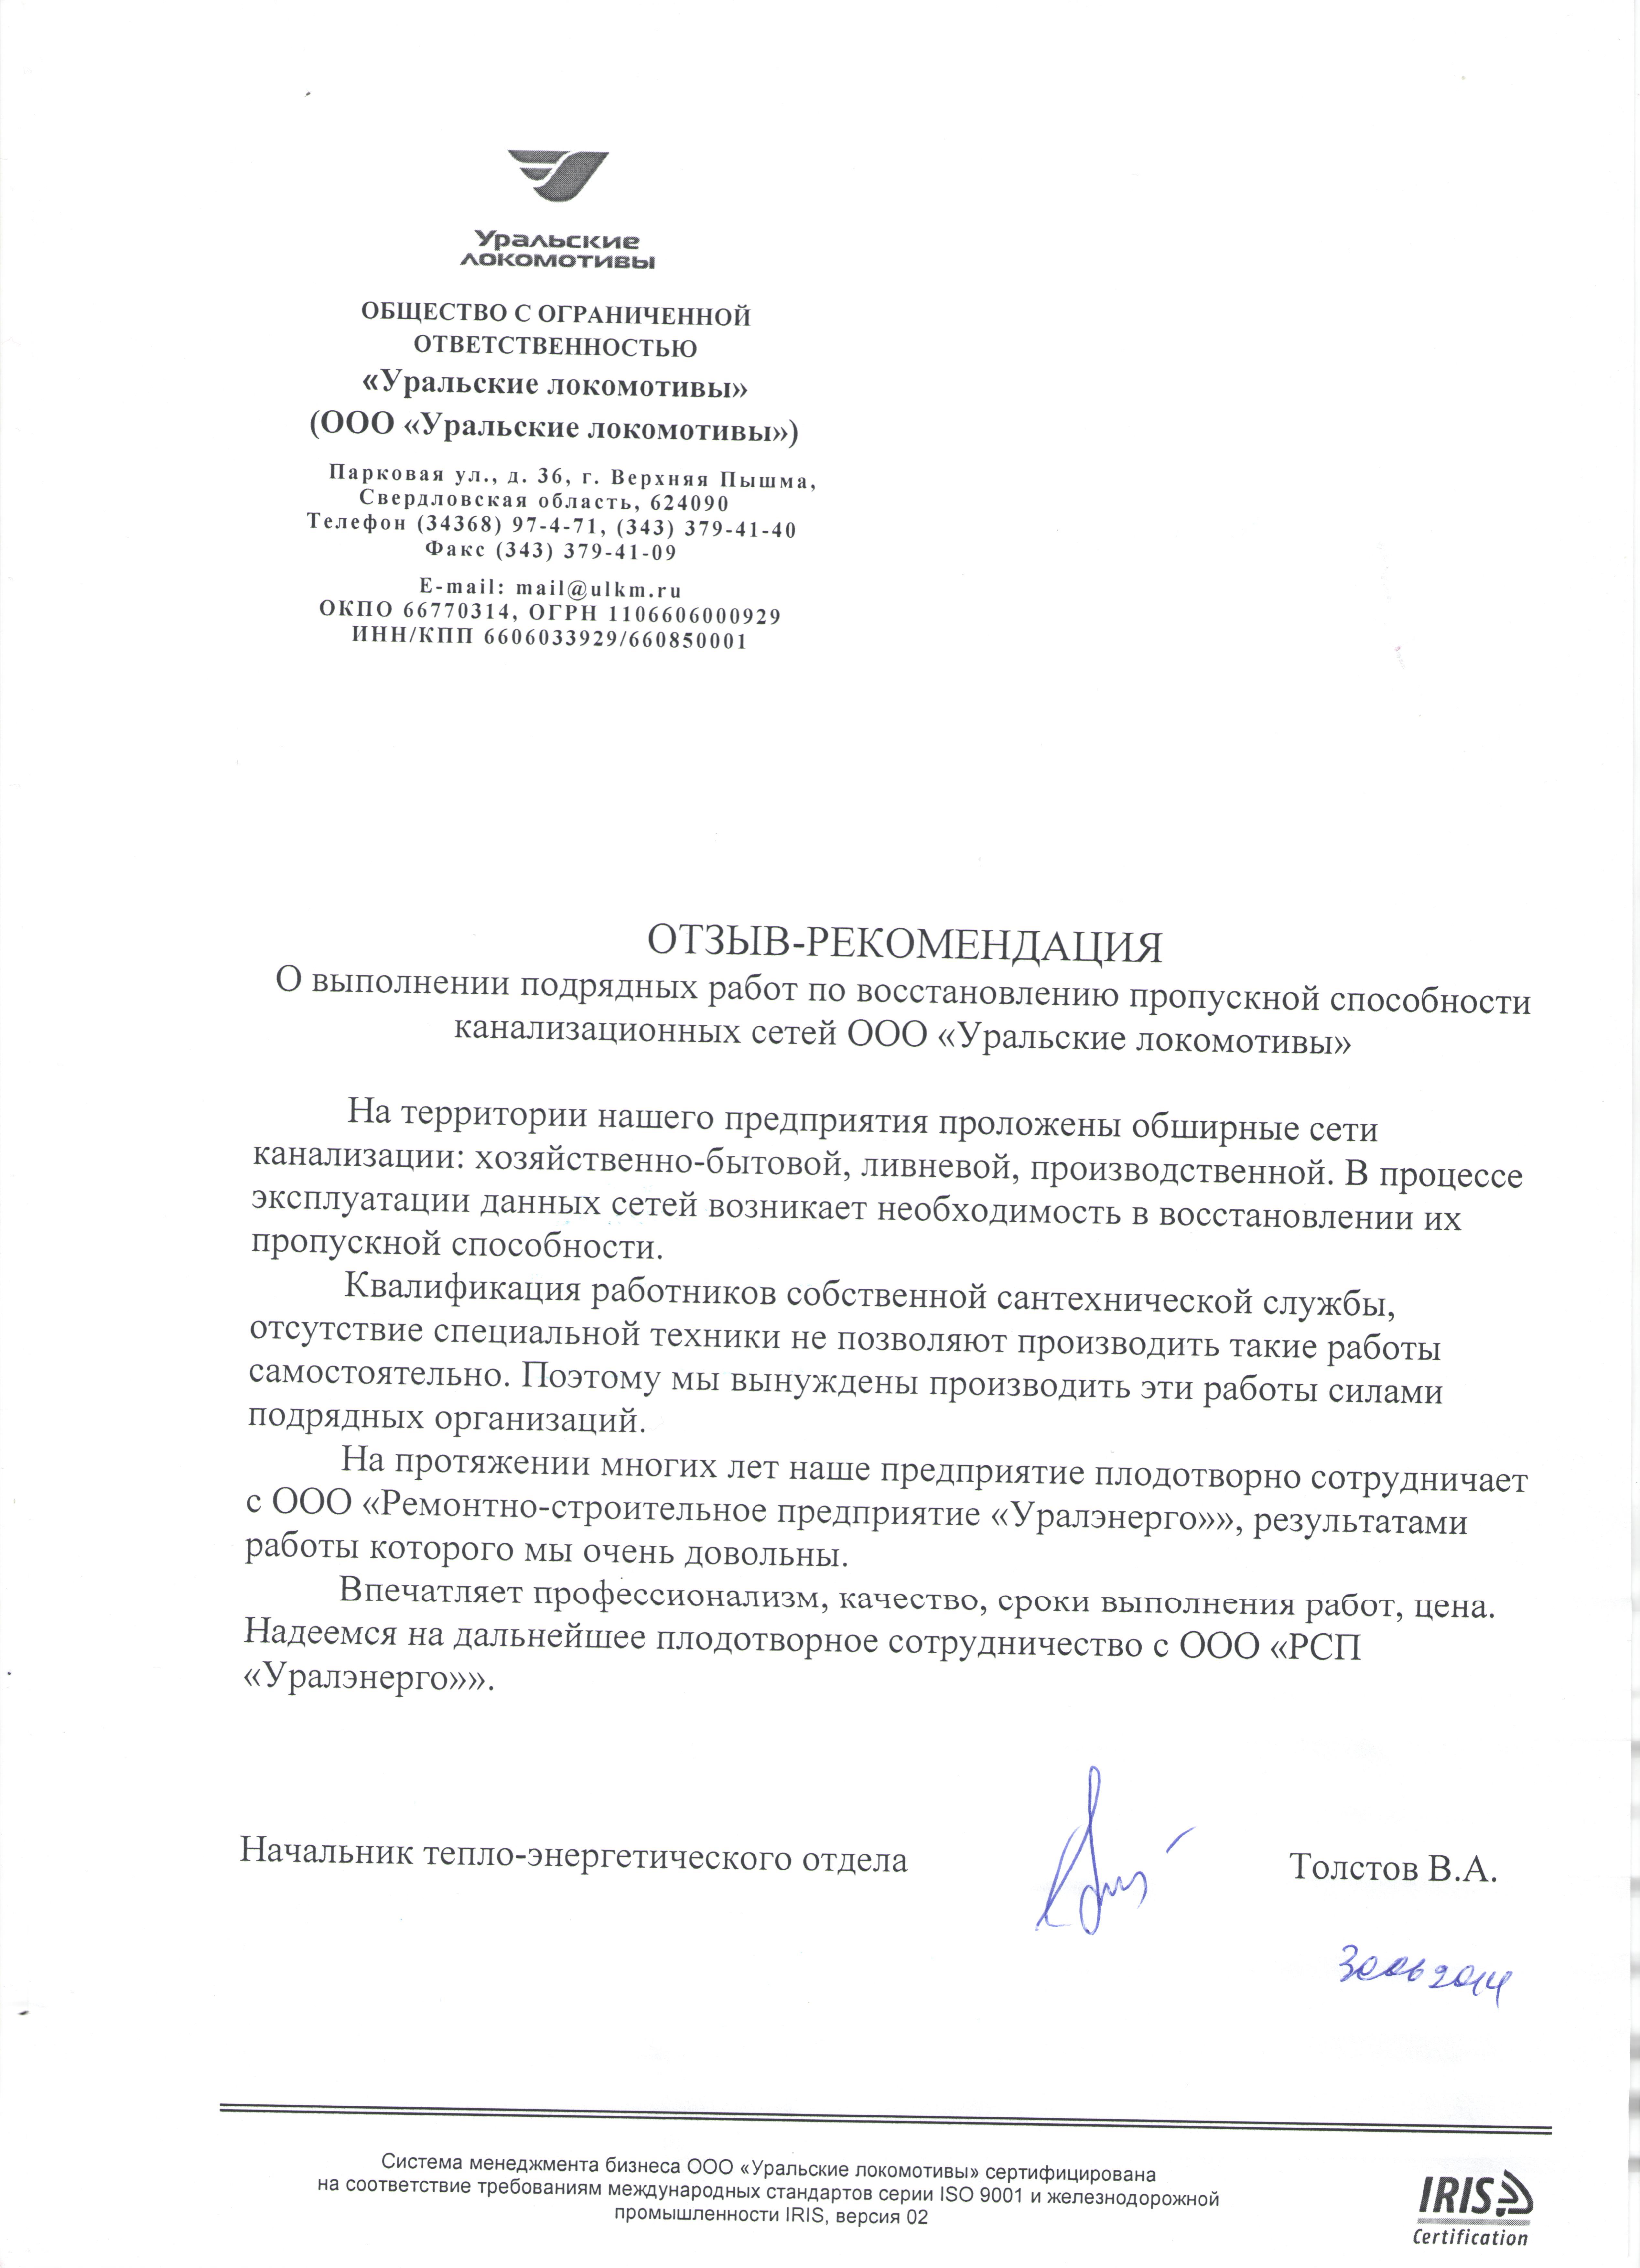 РСП Уралэнерго 5